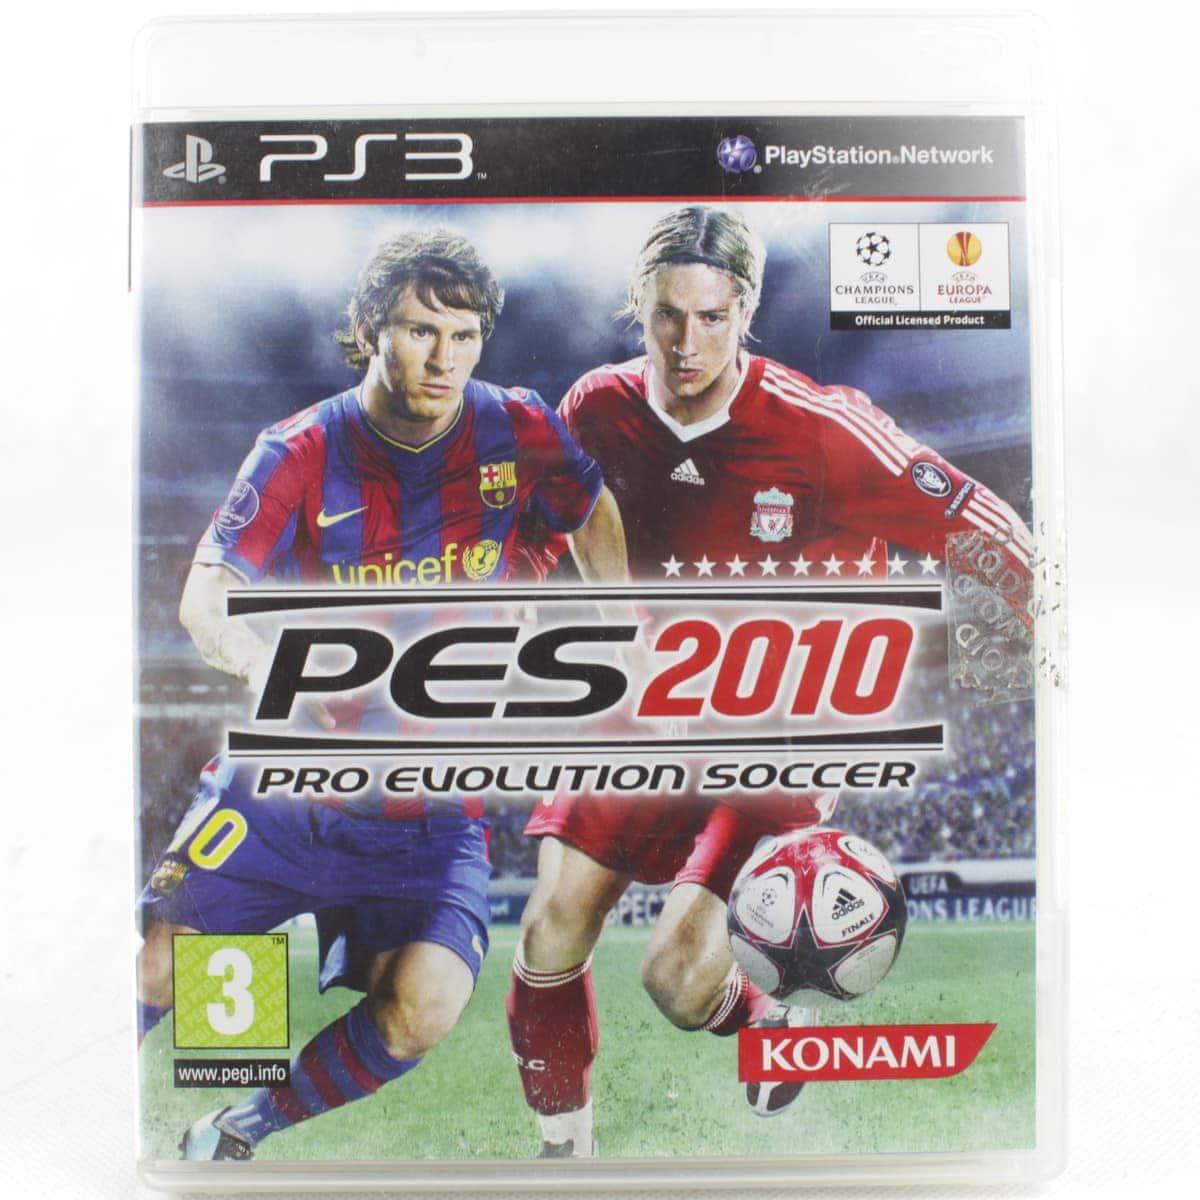 PES 2010: Pro Evolution Soccer (PS3)